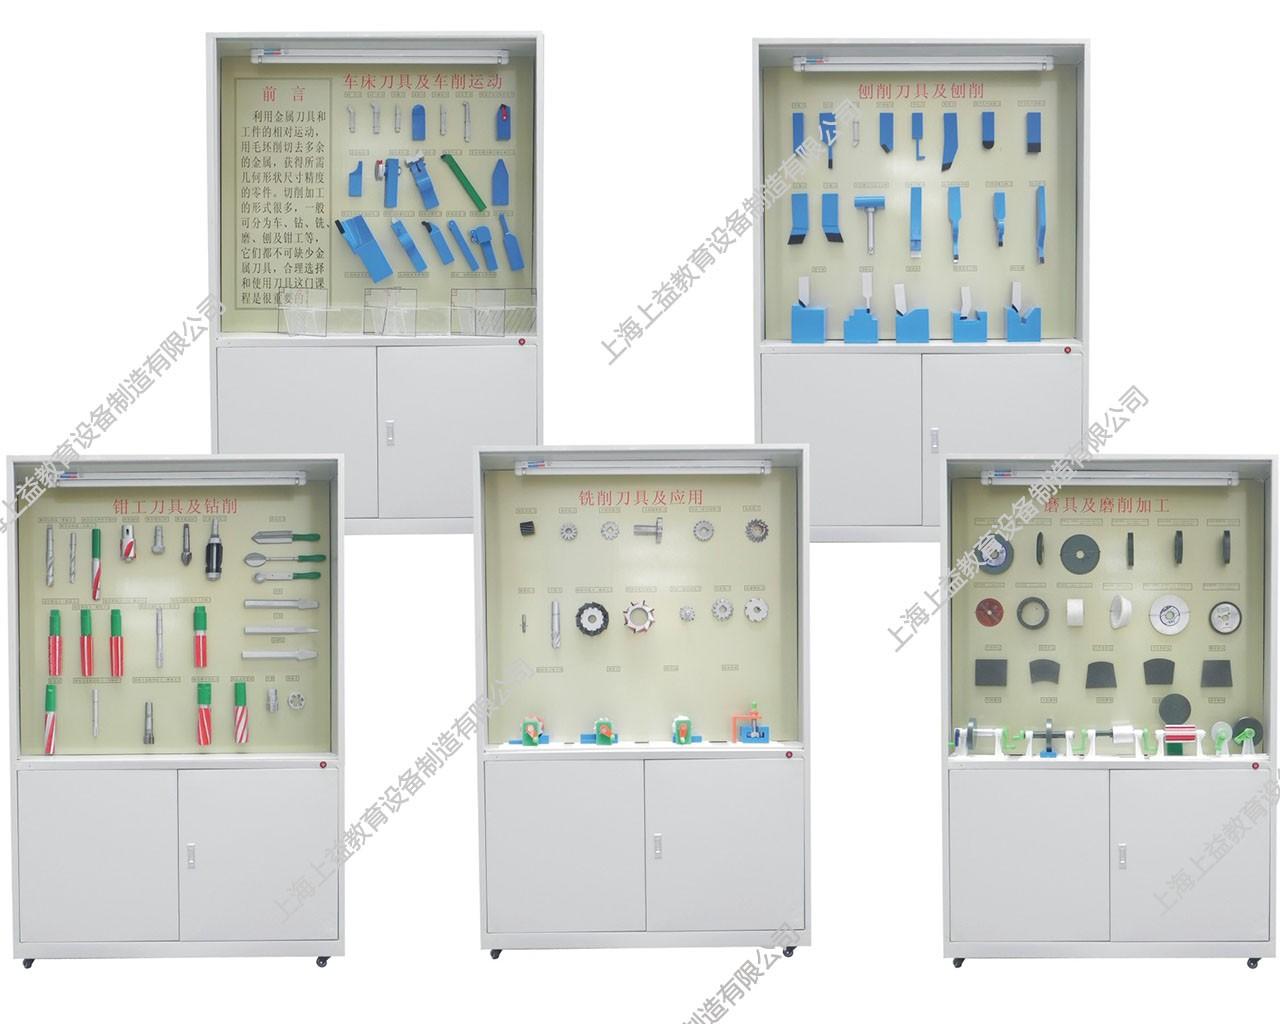 SYGLG-120 切削原理与刀具语音多功能控制陈列柜